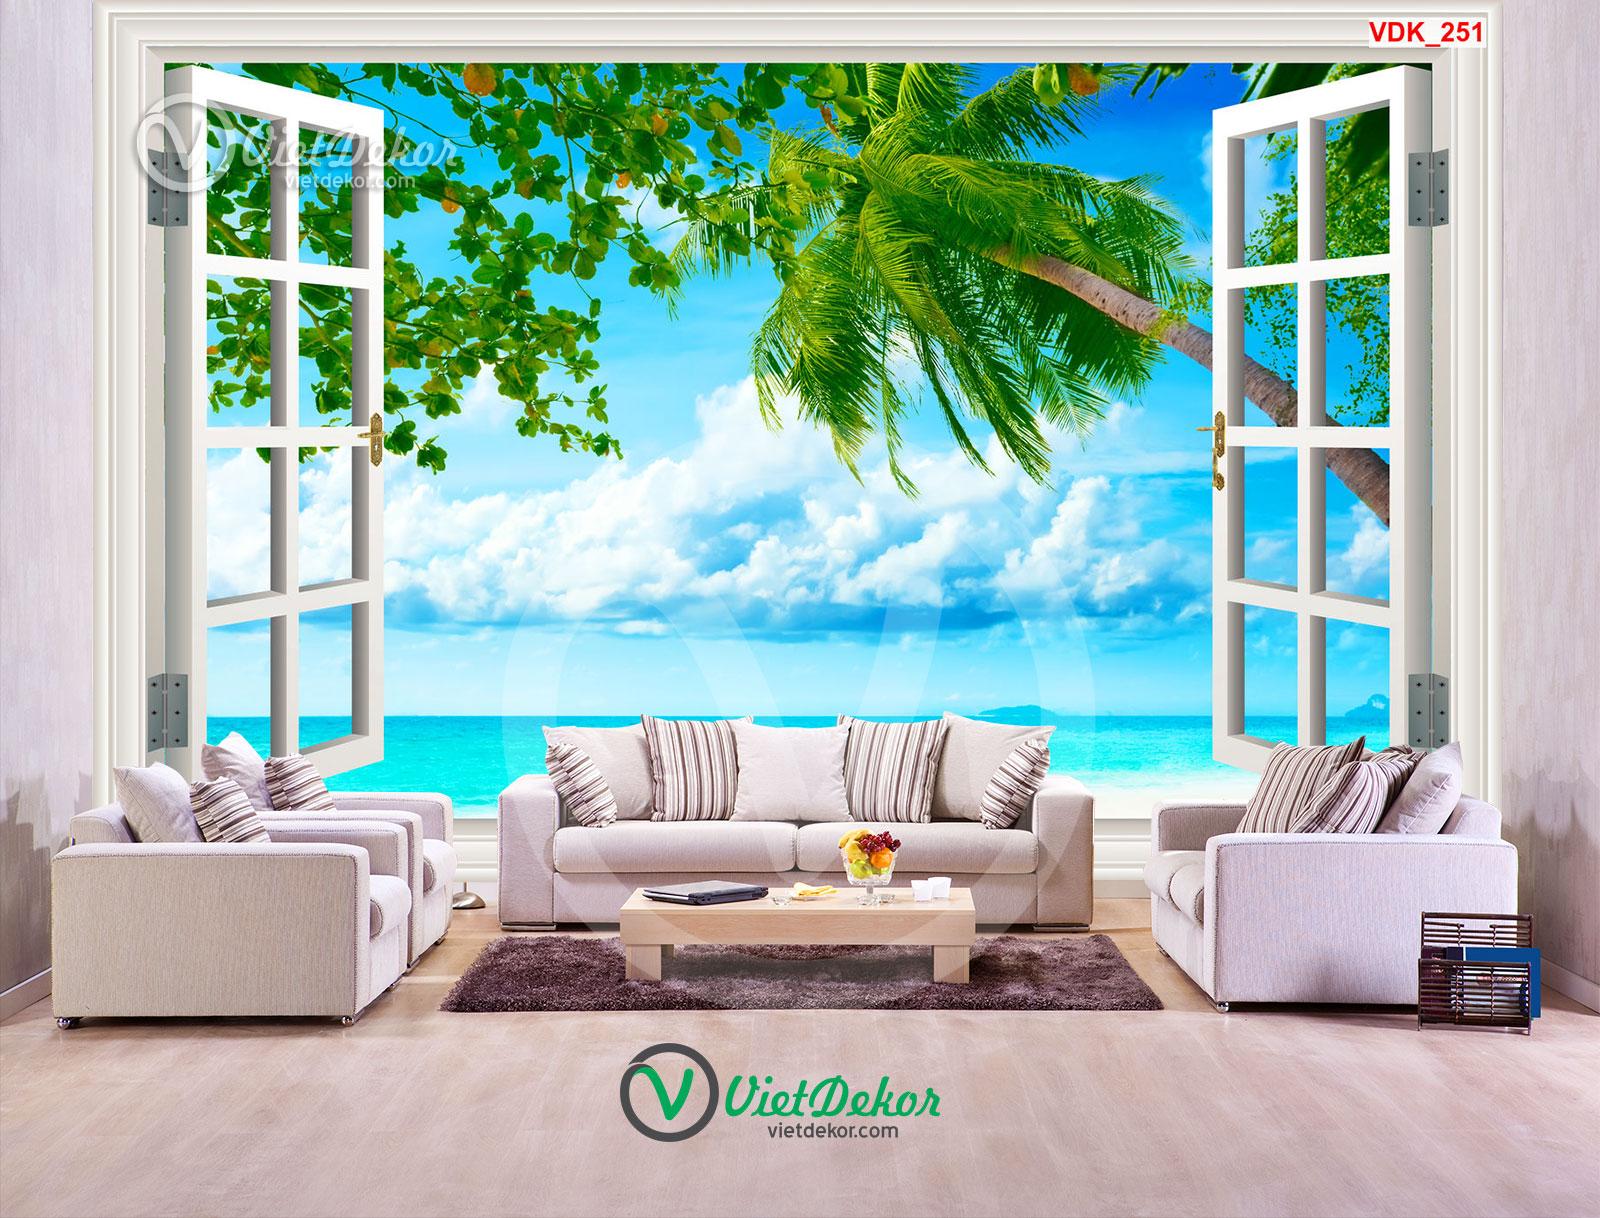 Tranh 3d cửa sổ biển và mây